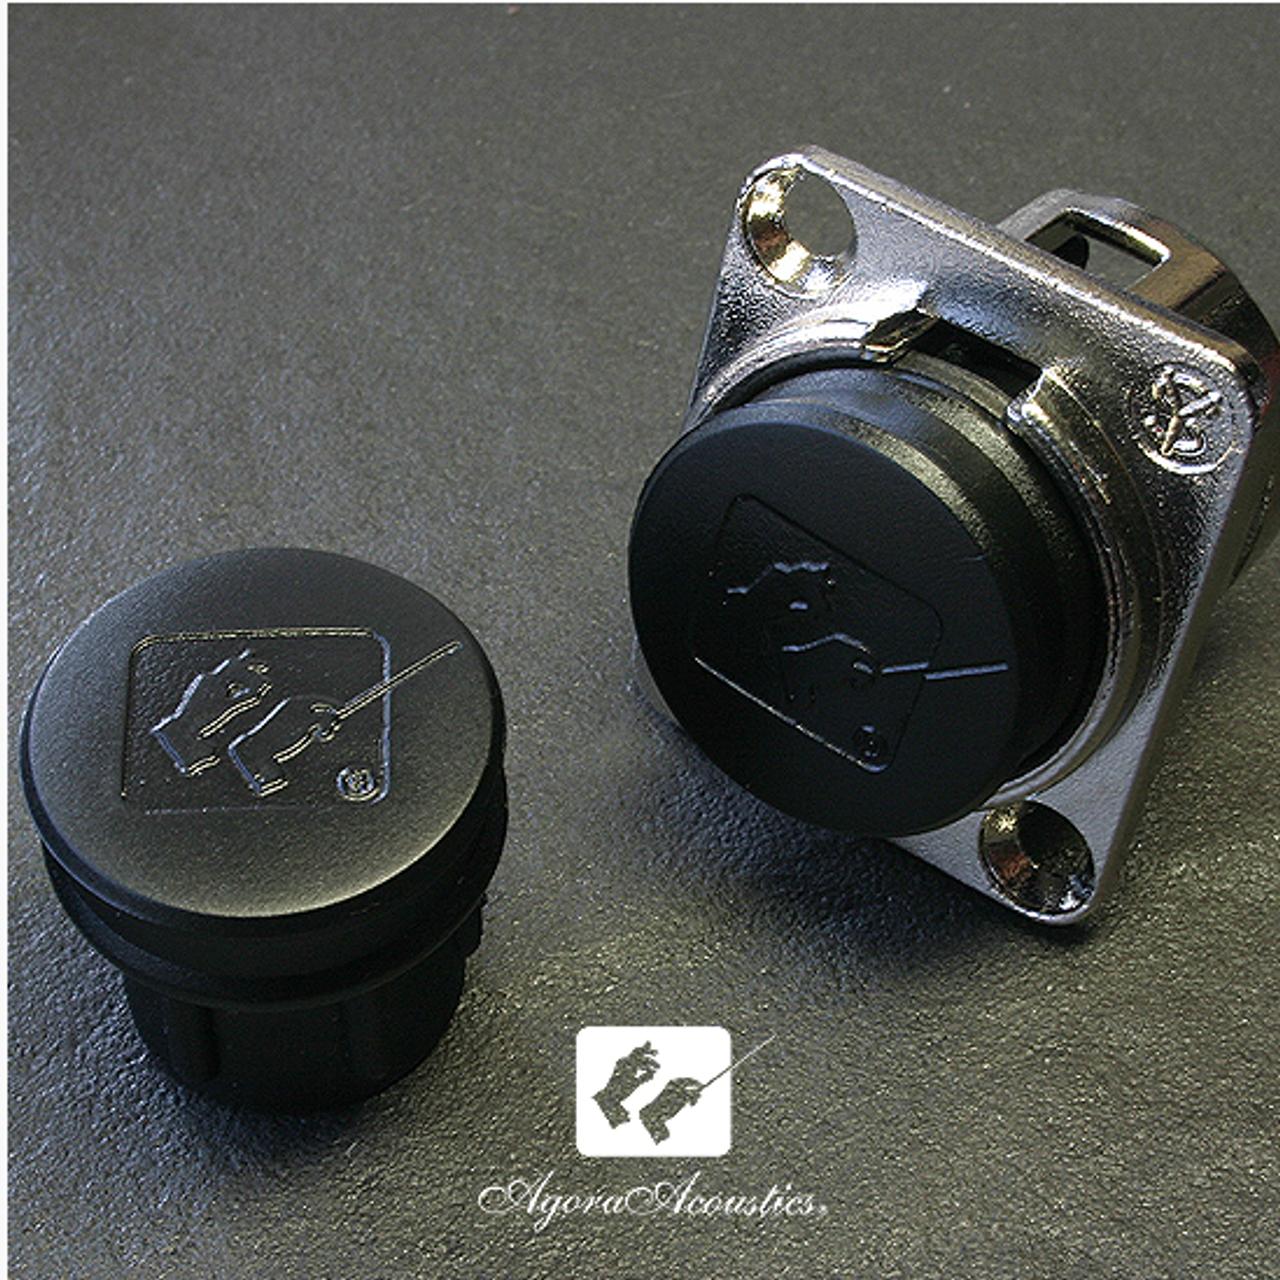 PlugCare RCA and XLR caps